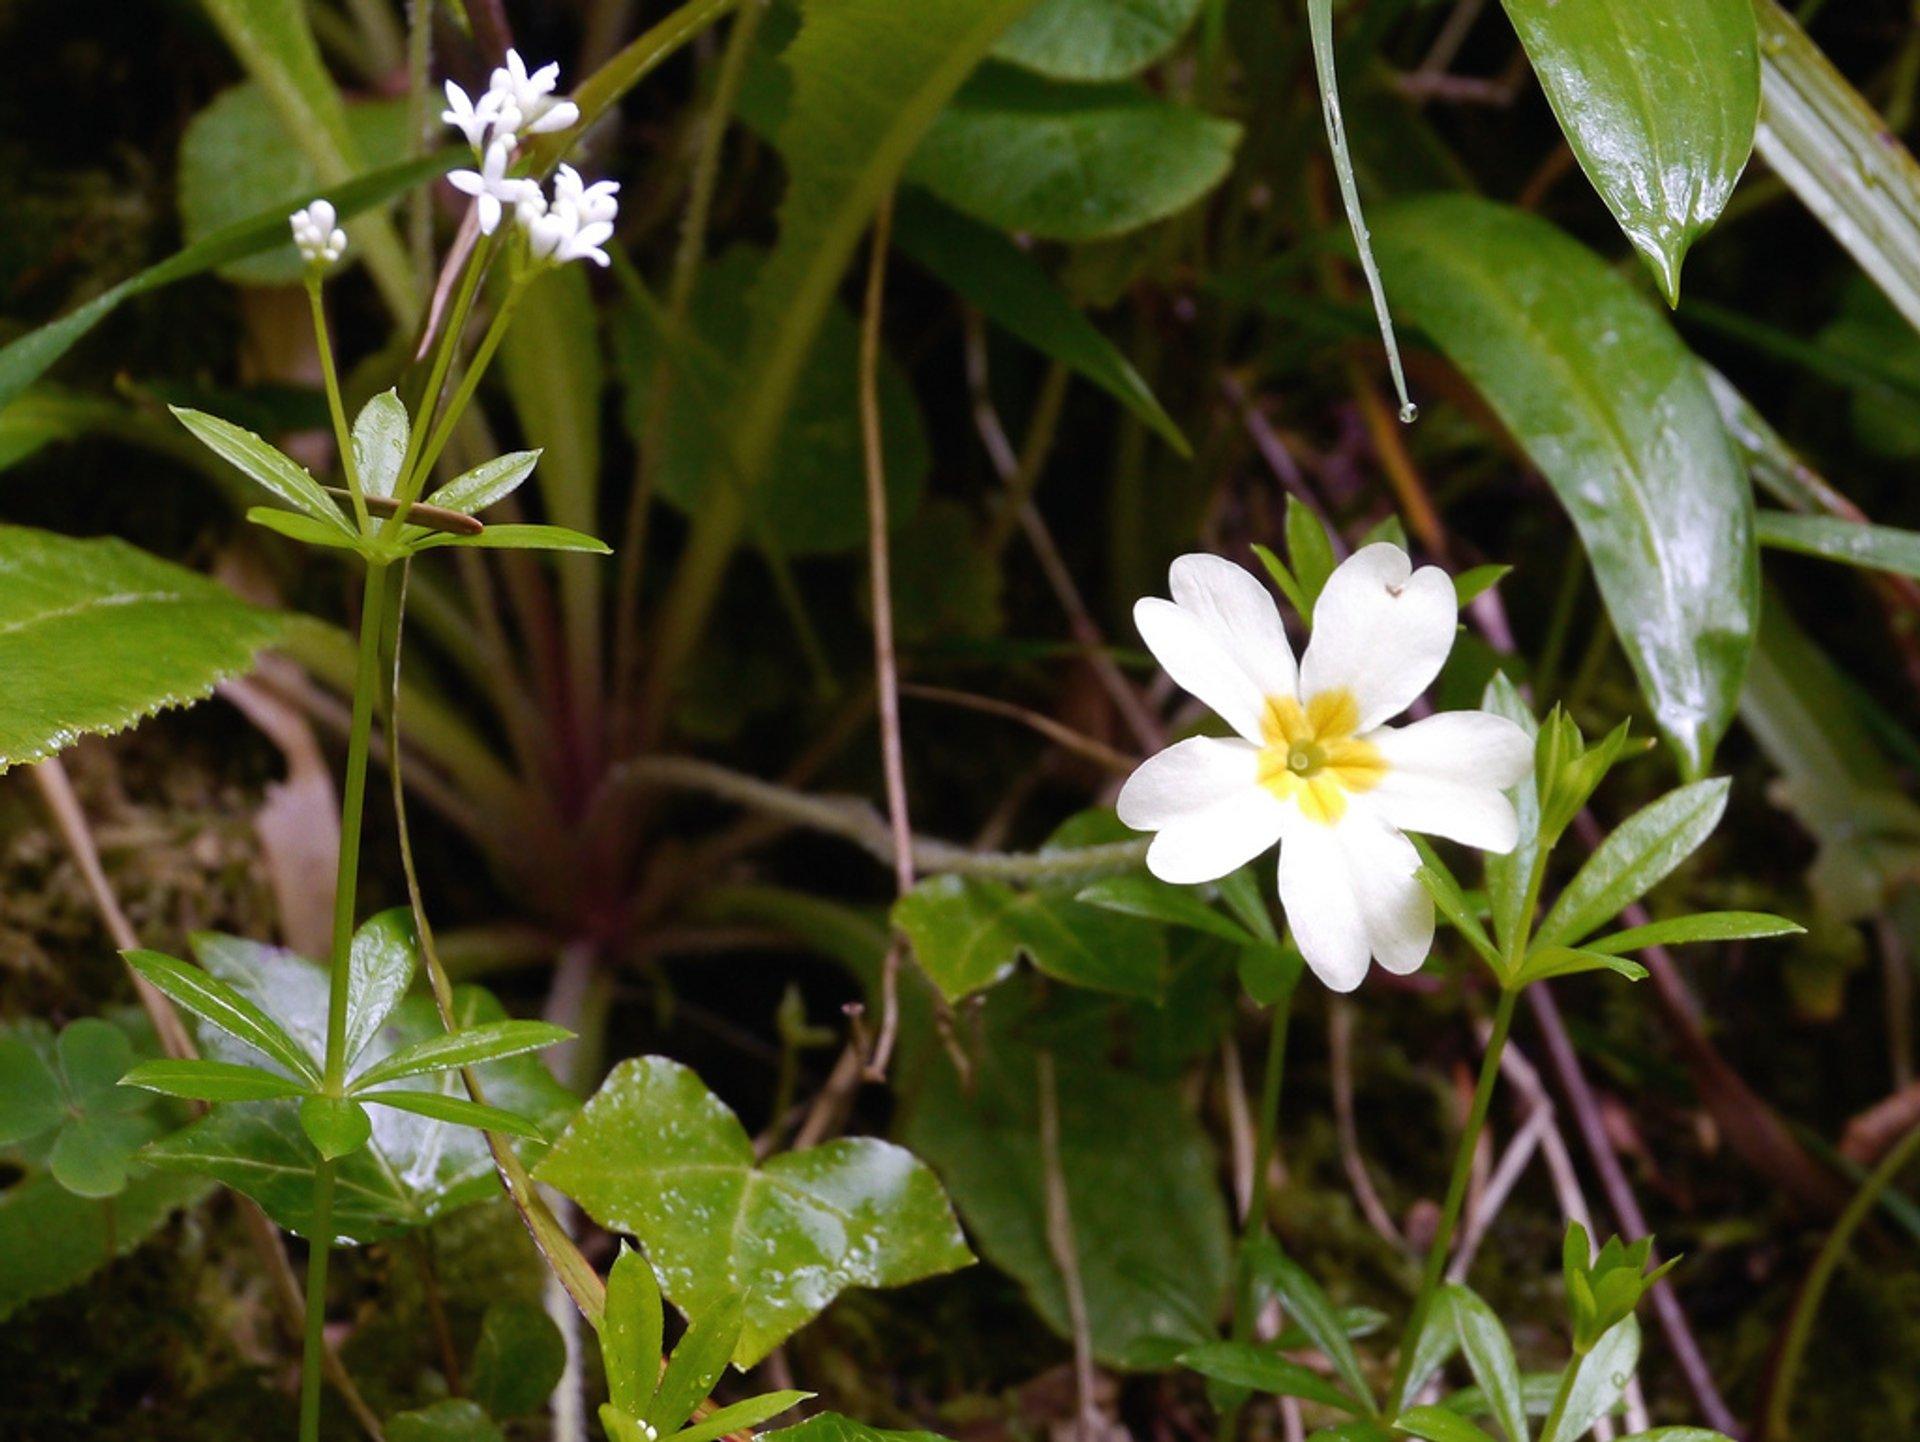 Primrose Blooming Season in Ireland 2020 - Best Time